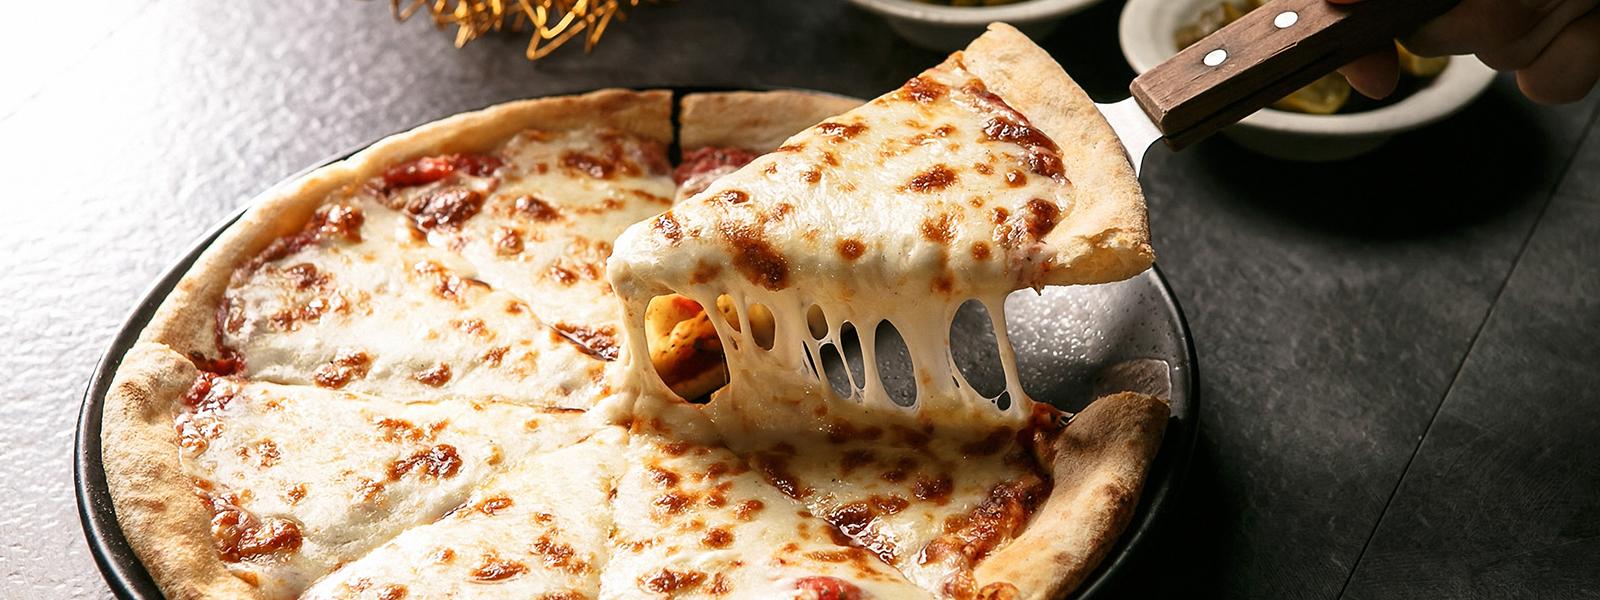 Pizza Hot Pizza Hot Leeds Takeaway Order Online